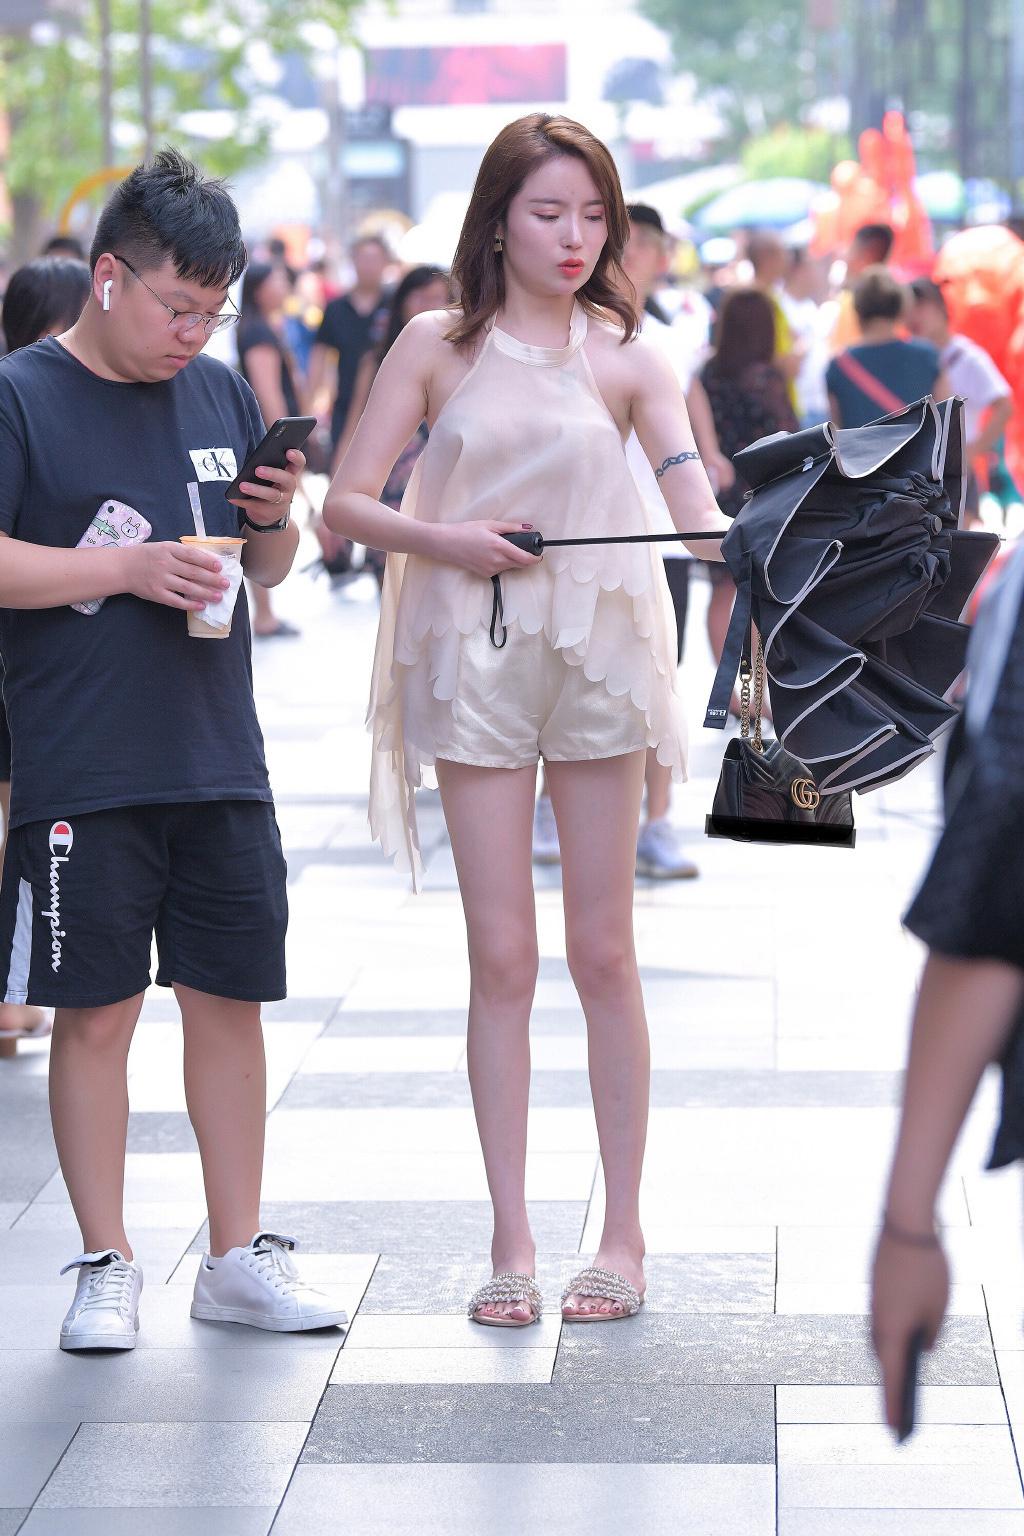 51假期街拍美女辣图12p